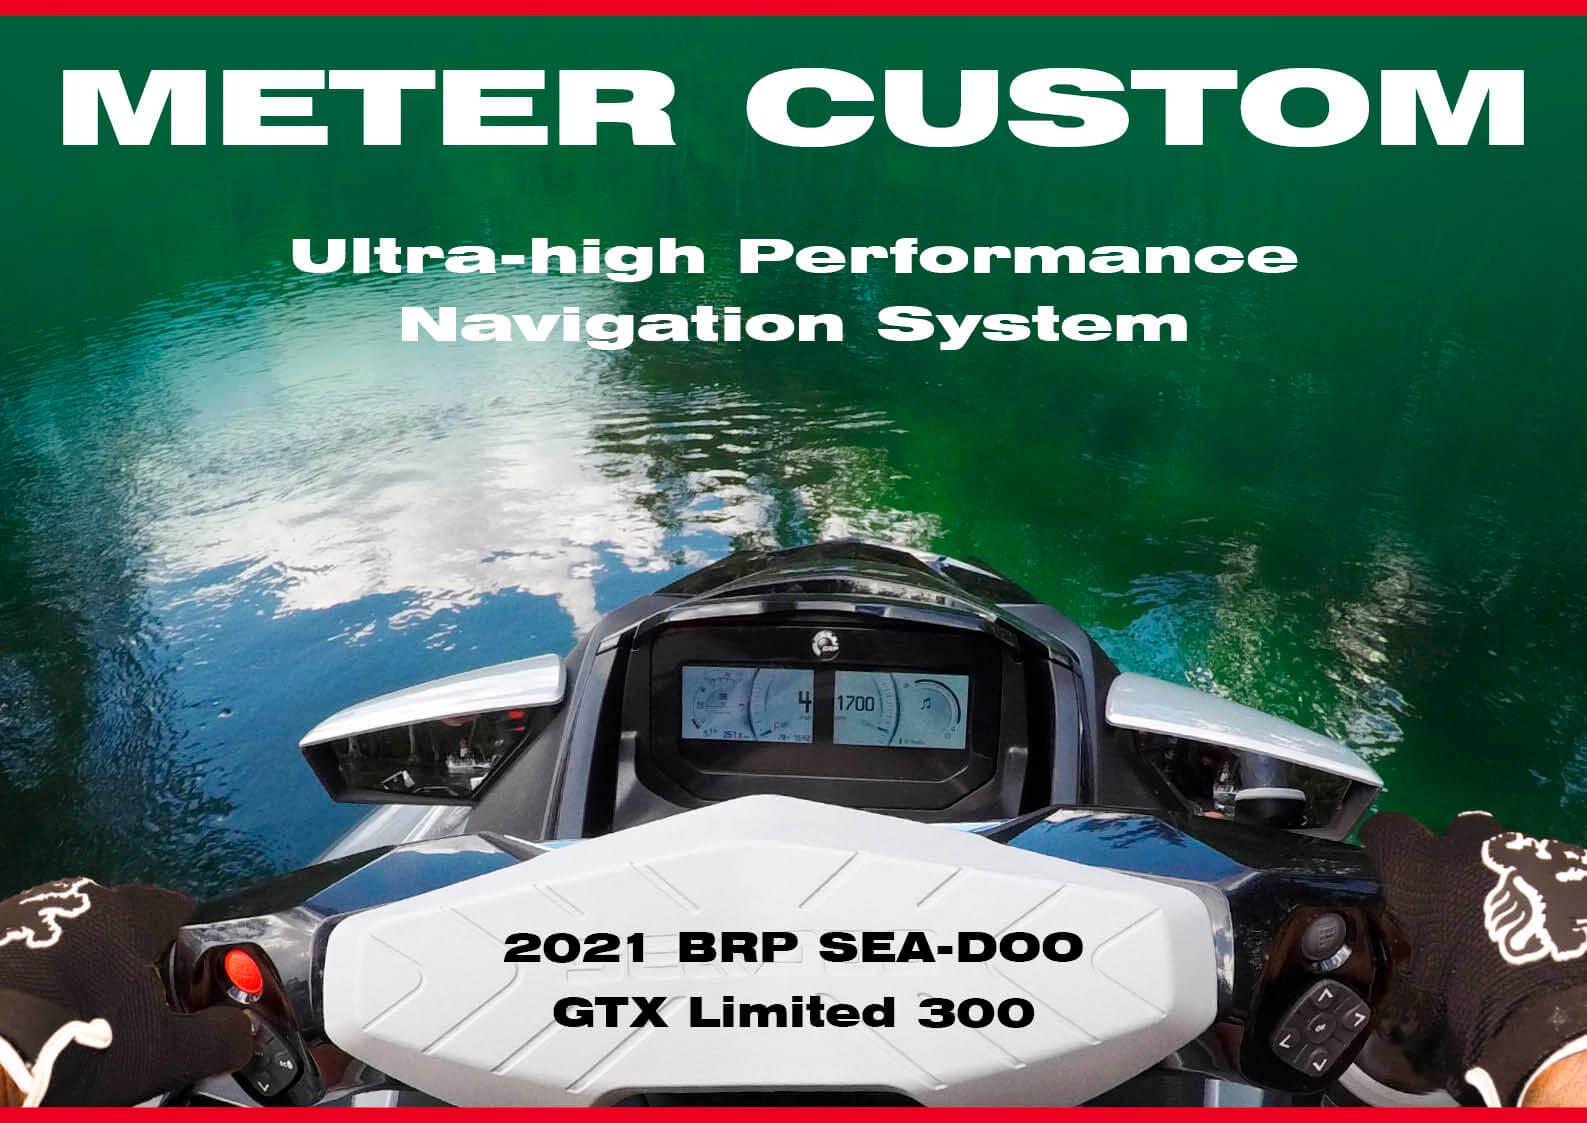 すごい機能だ! SEA-DOO(シードゥ)「GTX LIMITED 300」をスマホで簡単カスタム。液晶画面にスピードメーターと日本地図を、左右同時に表示できます!ジェットスキー「水上バイク」